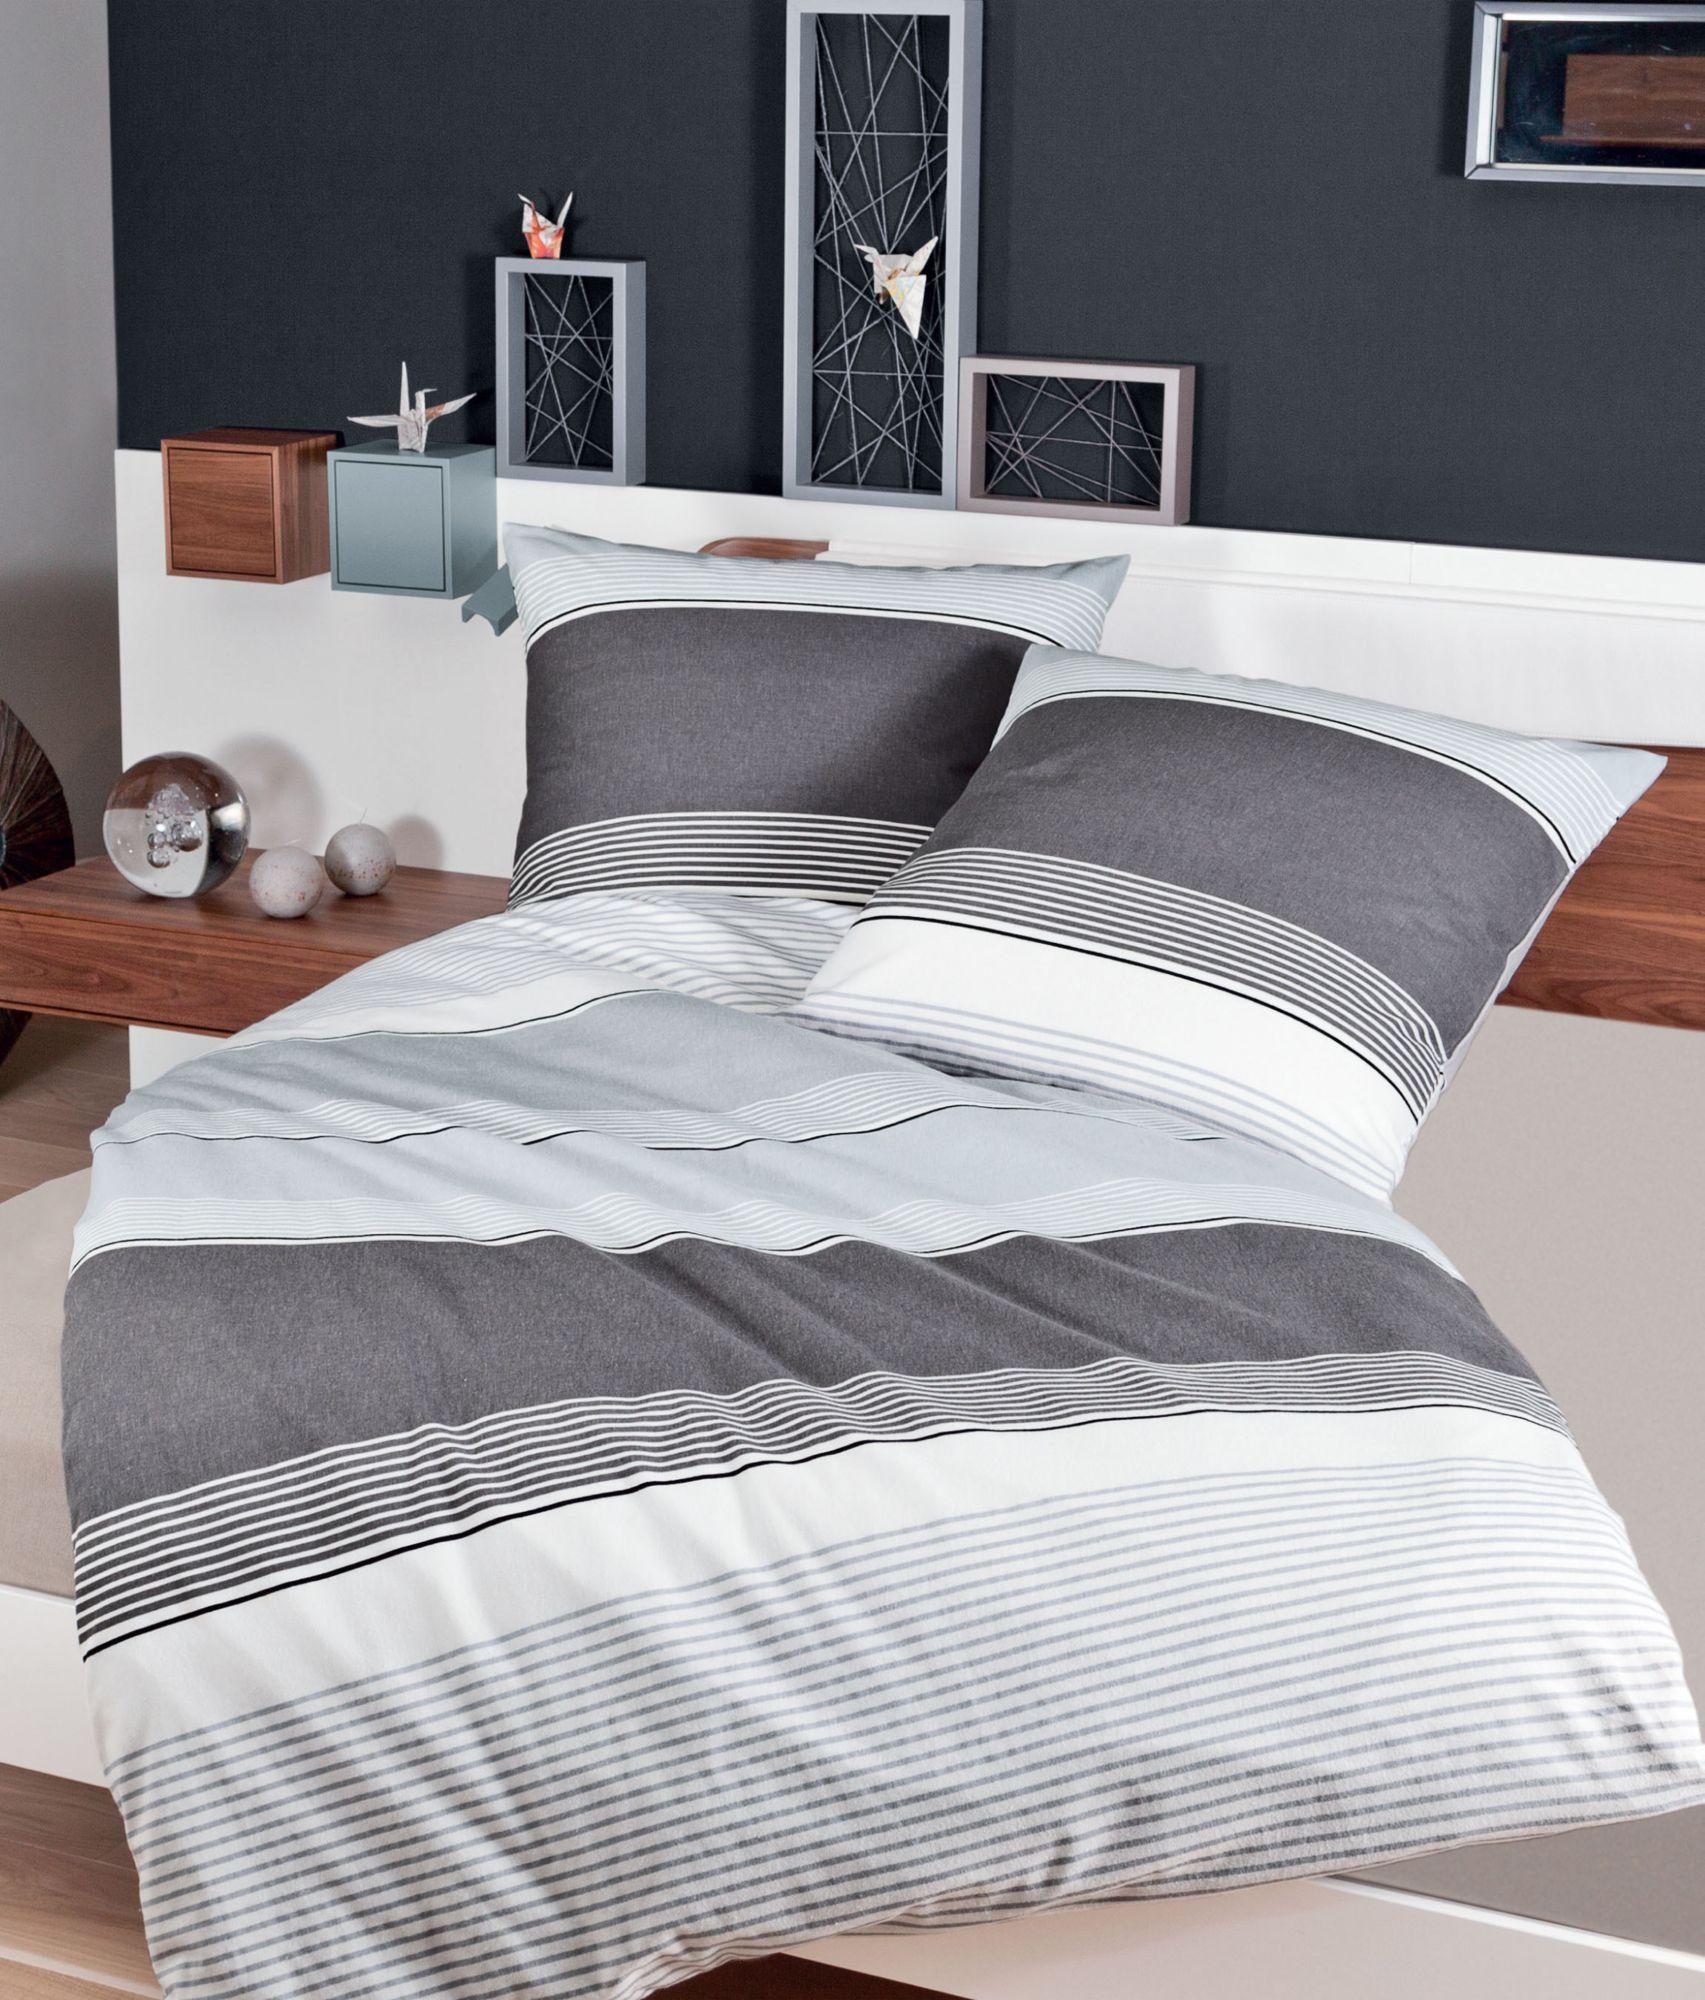 bettw sche janine querstreifen mit feinen streifen. Black Bedroom Furniture Sets. Home Design Ideas